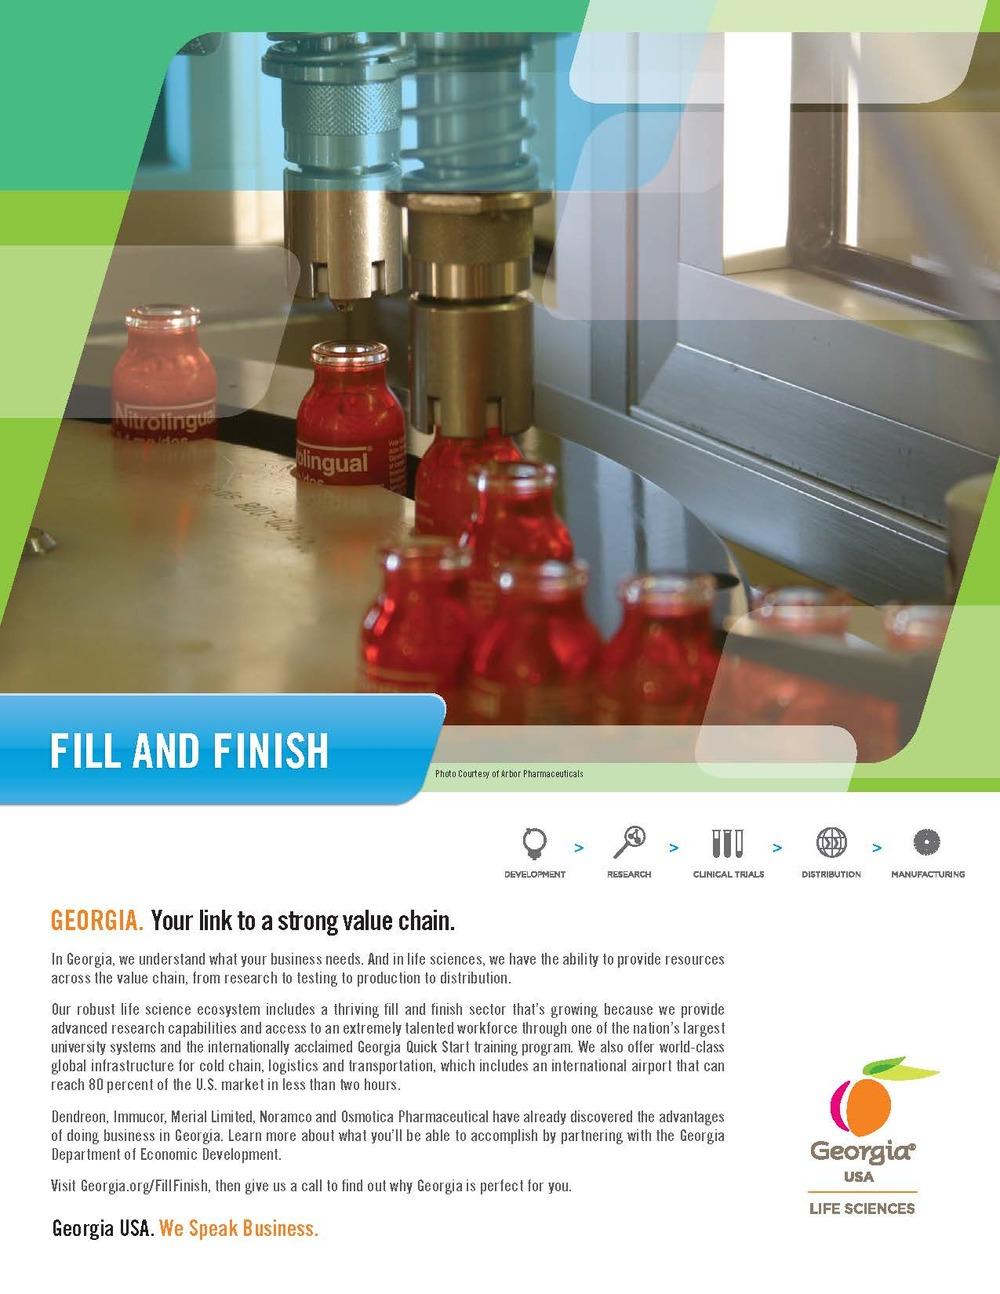 Georgia_BioScience_Page_2.jpg